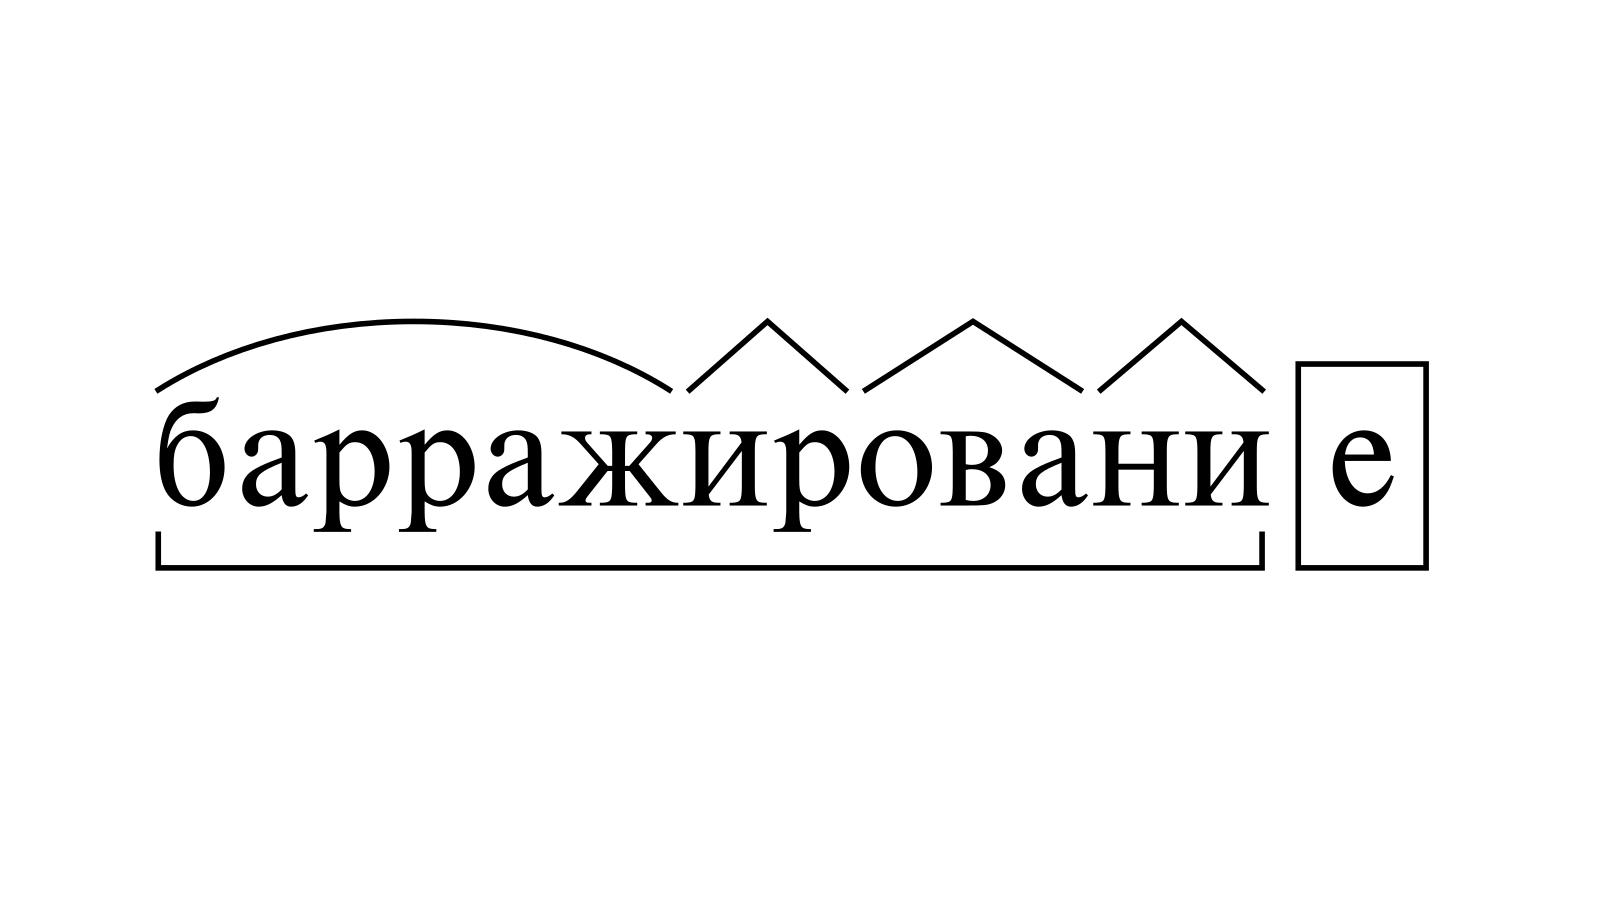 Разбор слова «барражирование» по составу